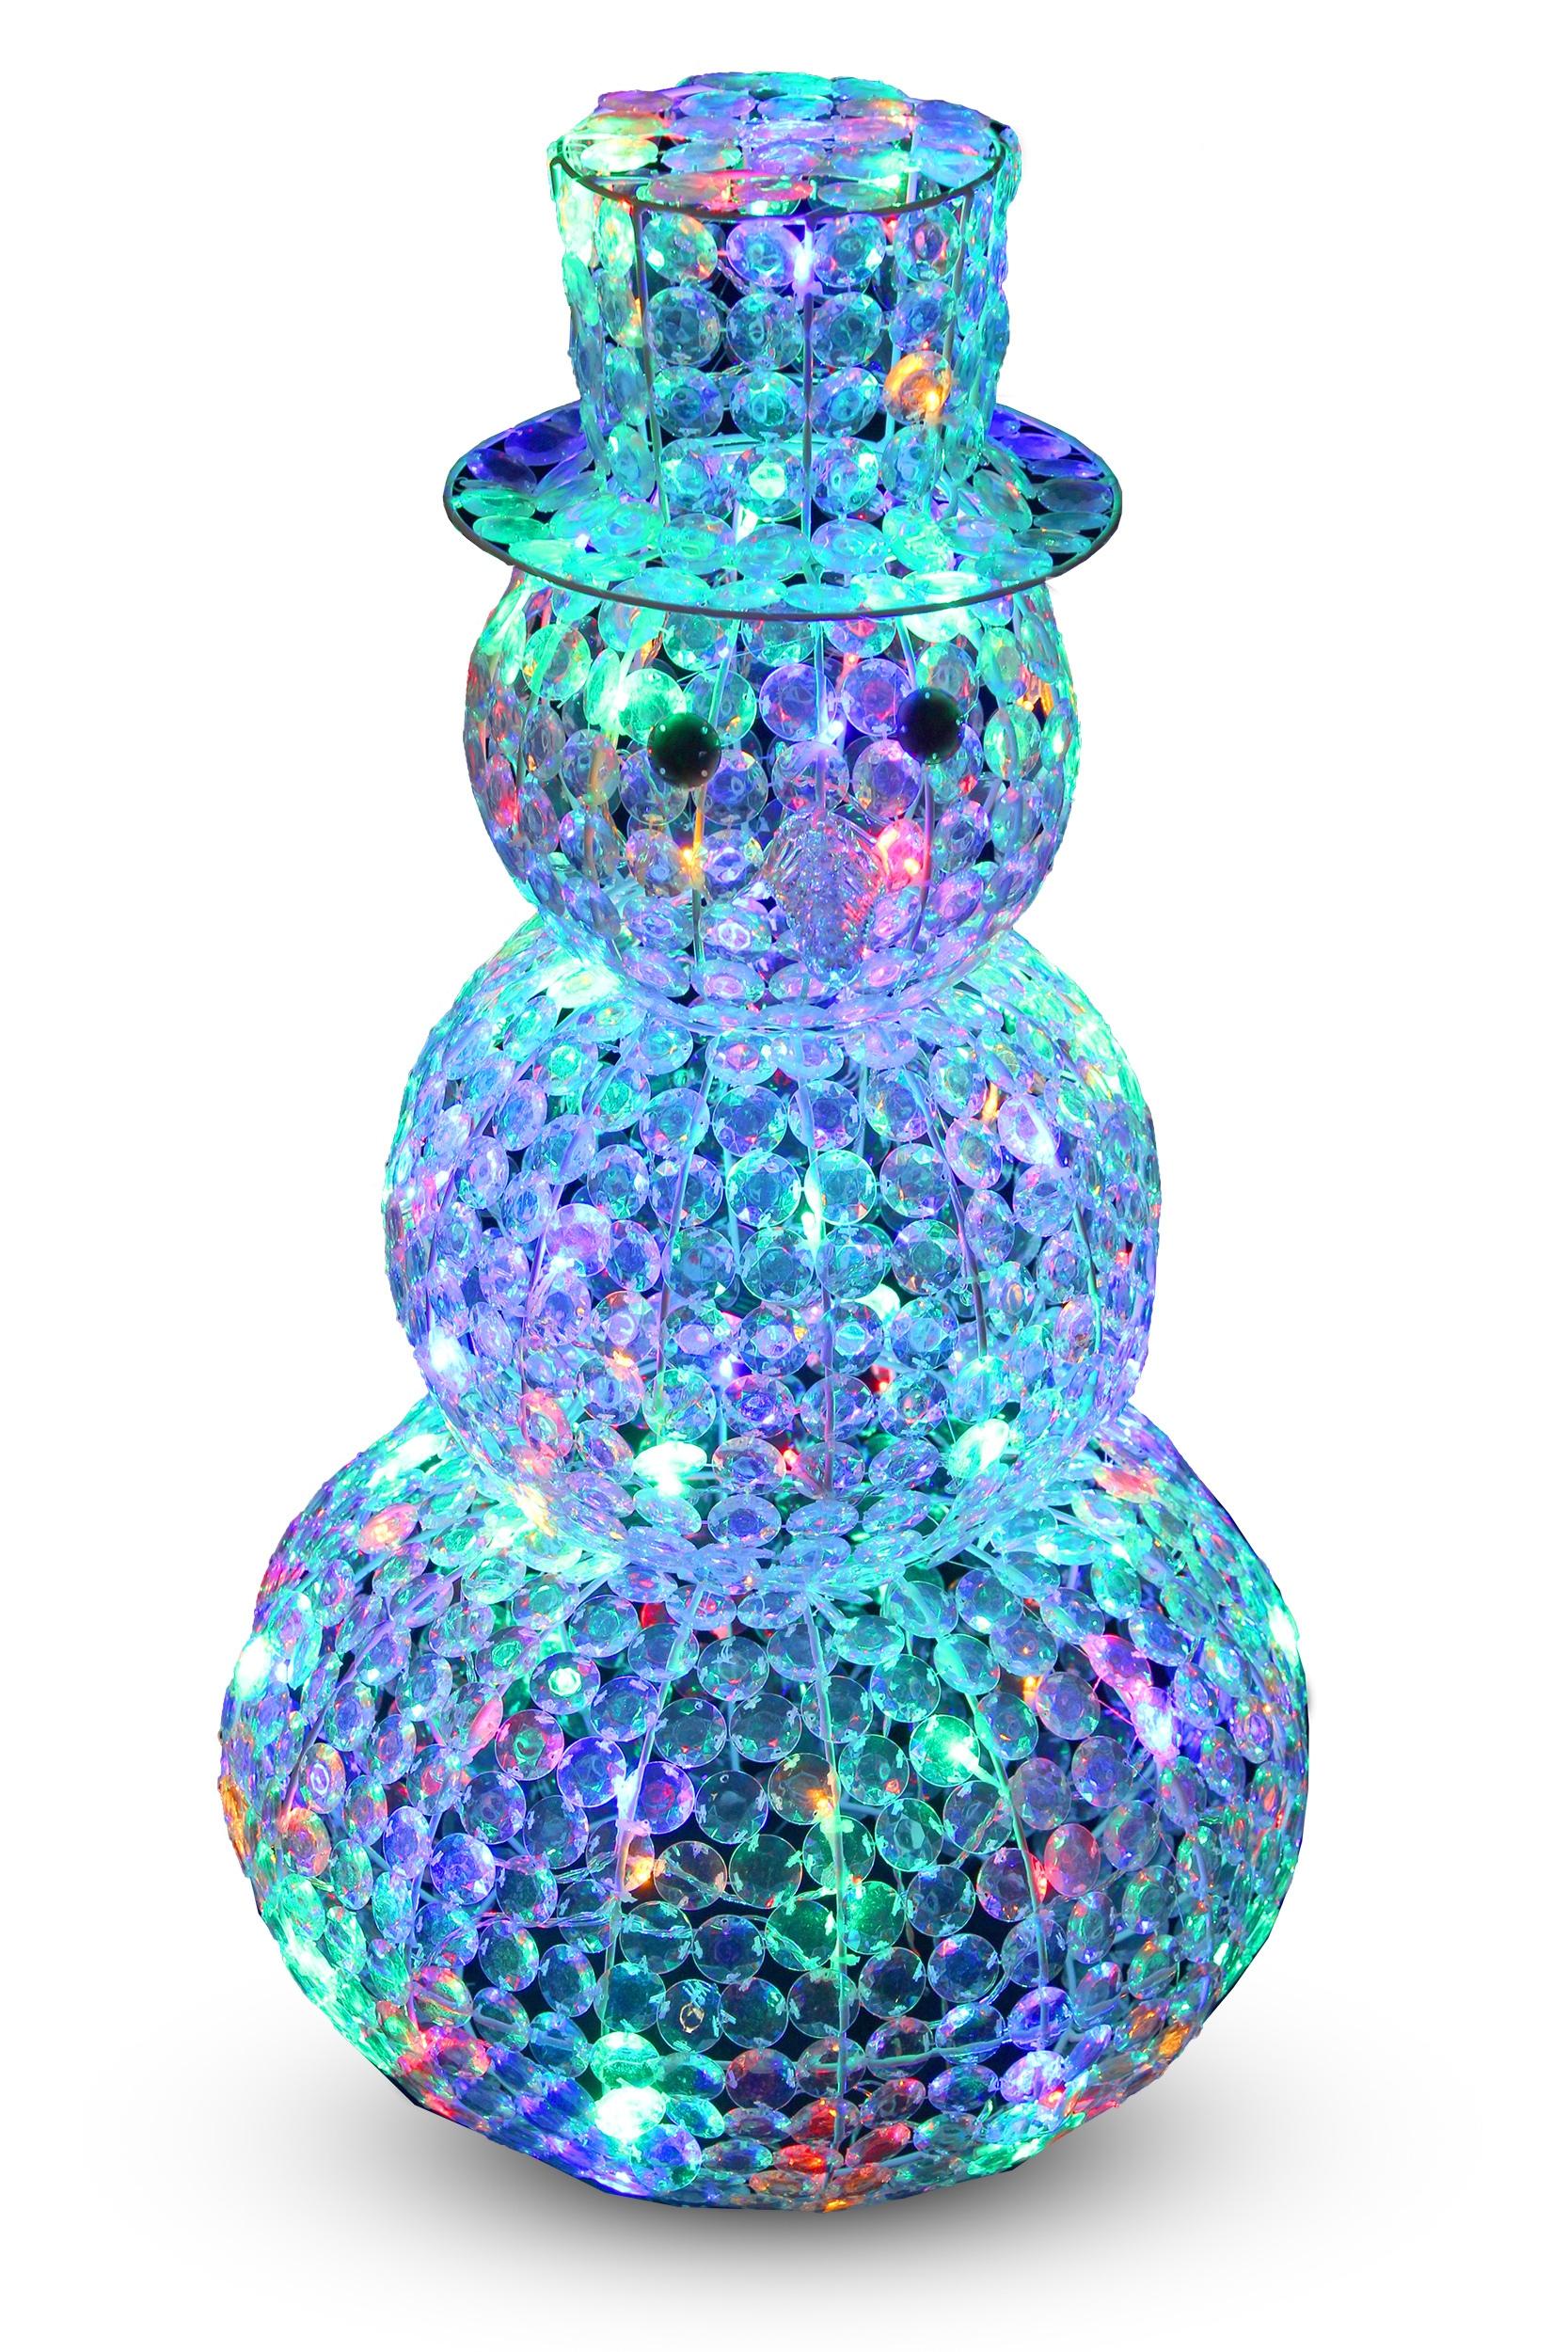 Dekorácie Vianočné Snehuliak 120LED 90 CM CH08 EAN 59